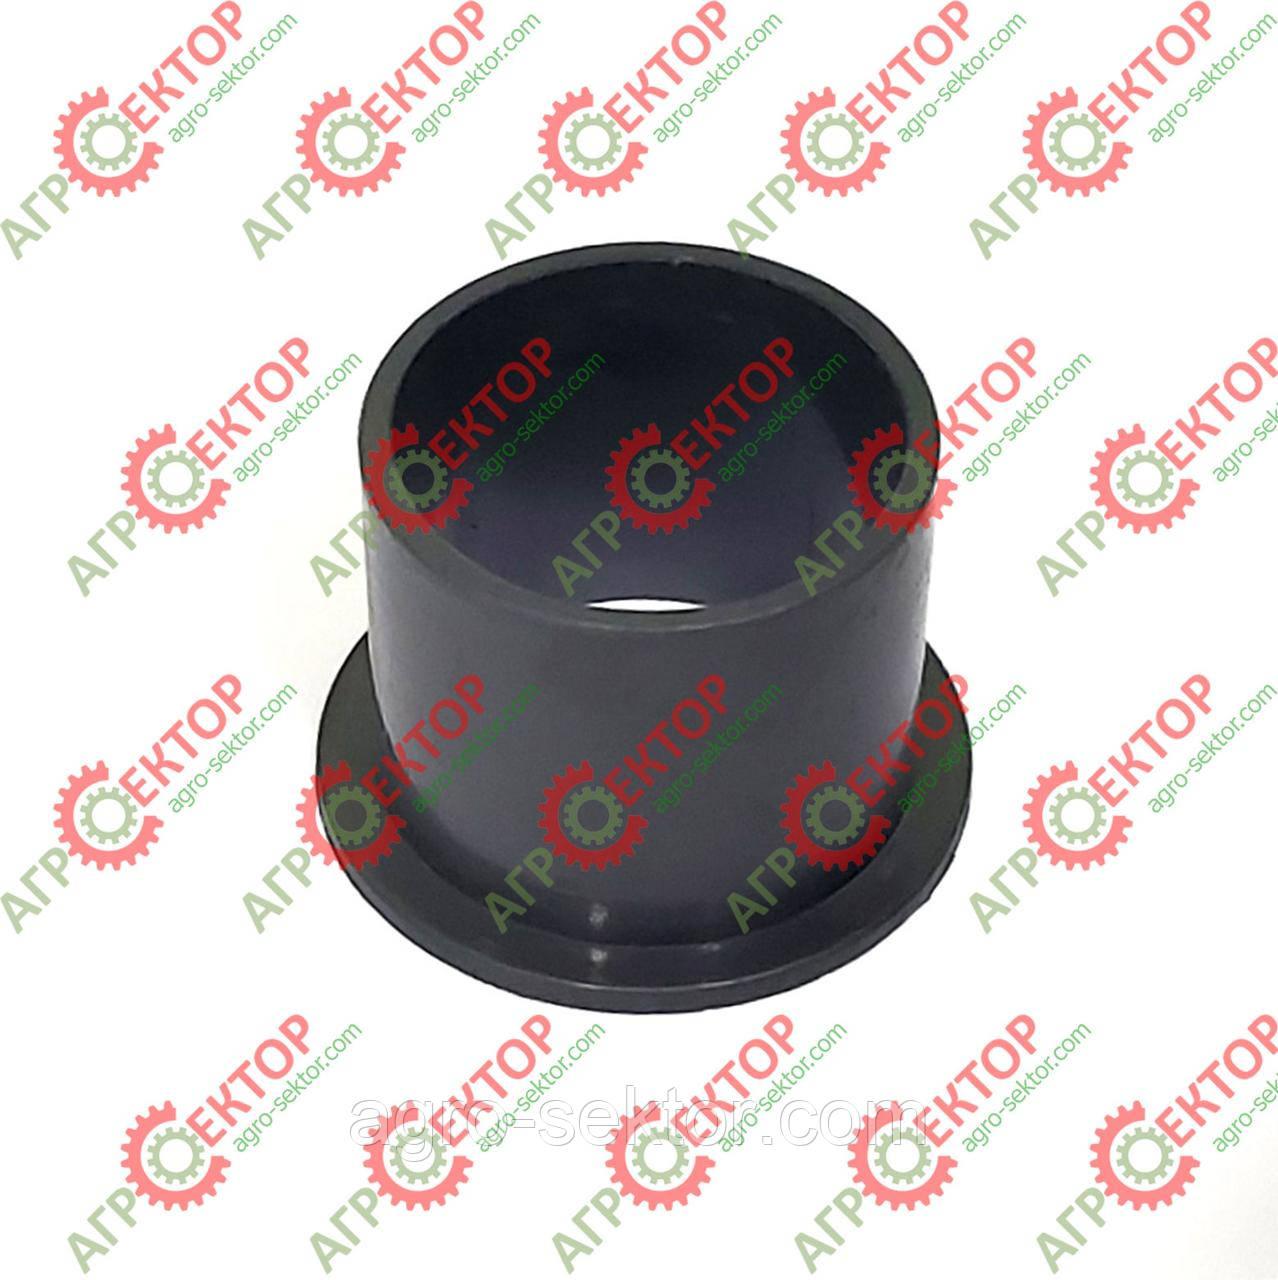 Втулка пластикова вала підбирача 30*34*30 мм прес-підбирача Claas Markant 008551